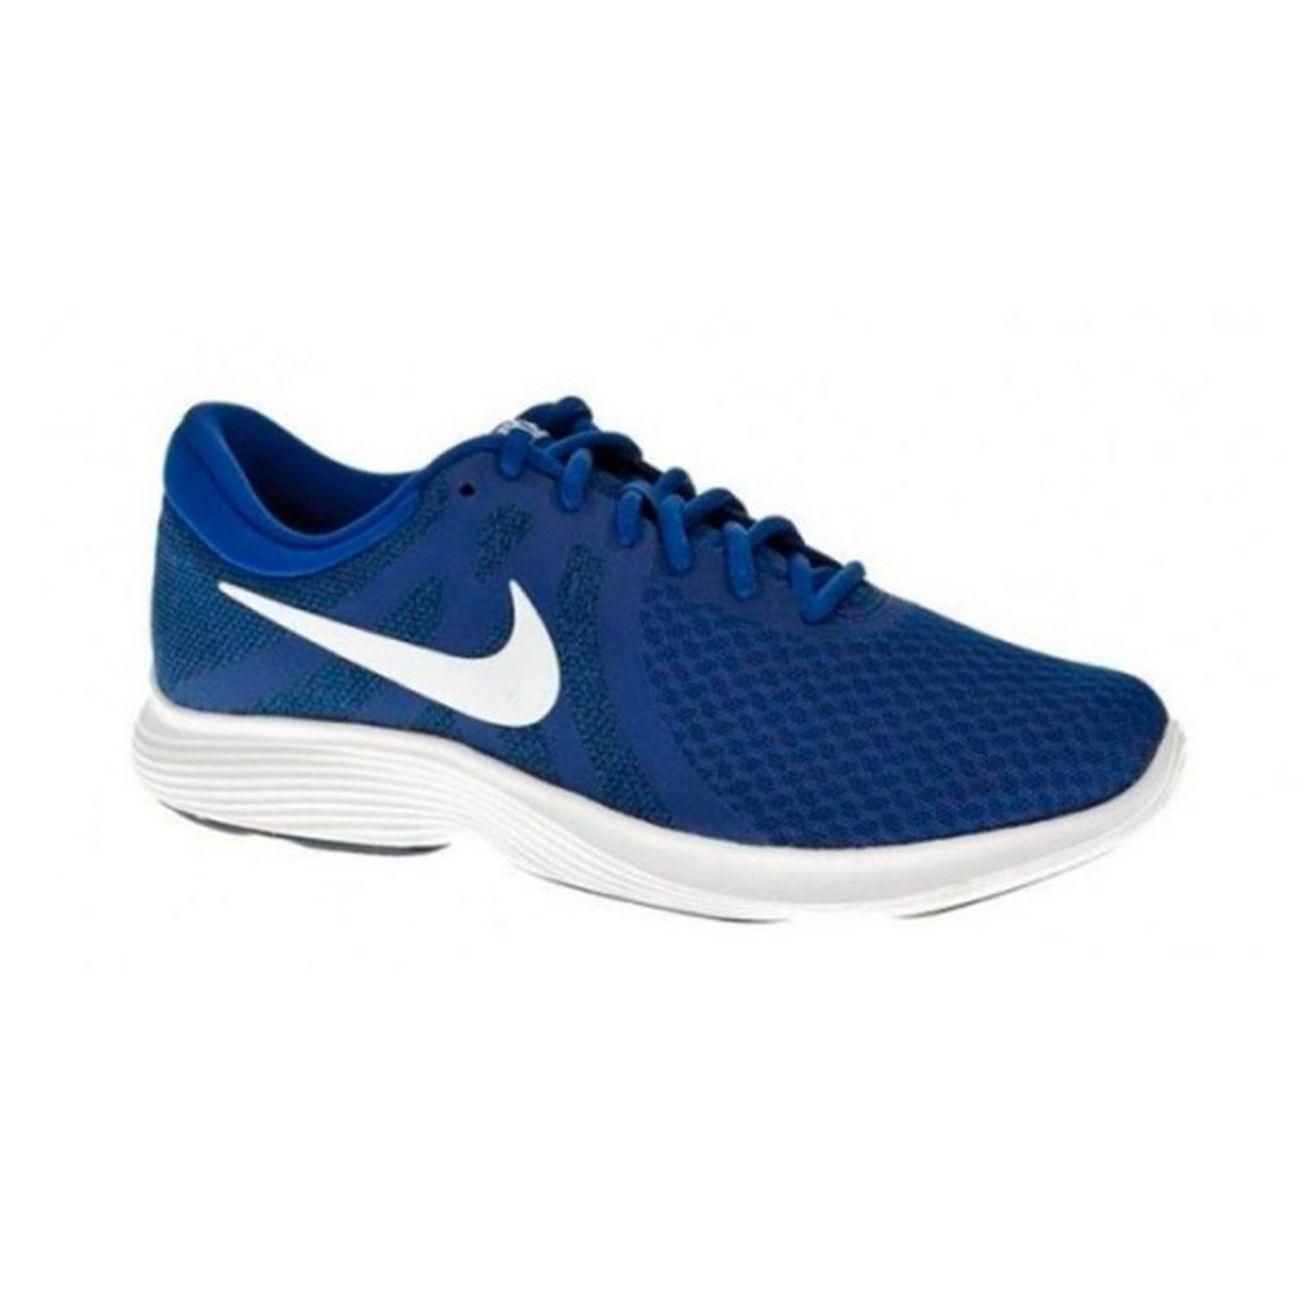 Bleu Padel Blanc Adulte Niaj3490 Nike 4 403 Revolution kX80PNnwO